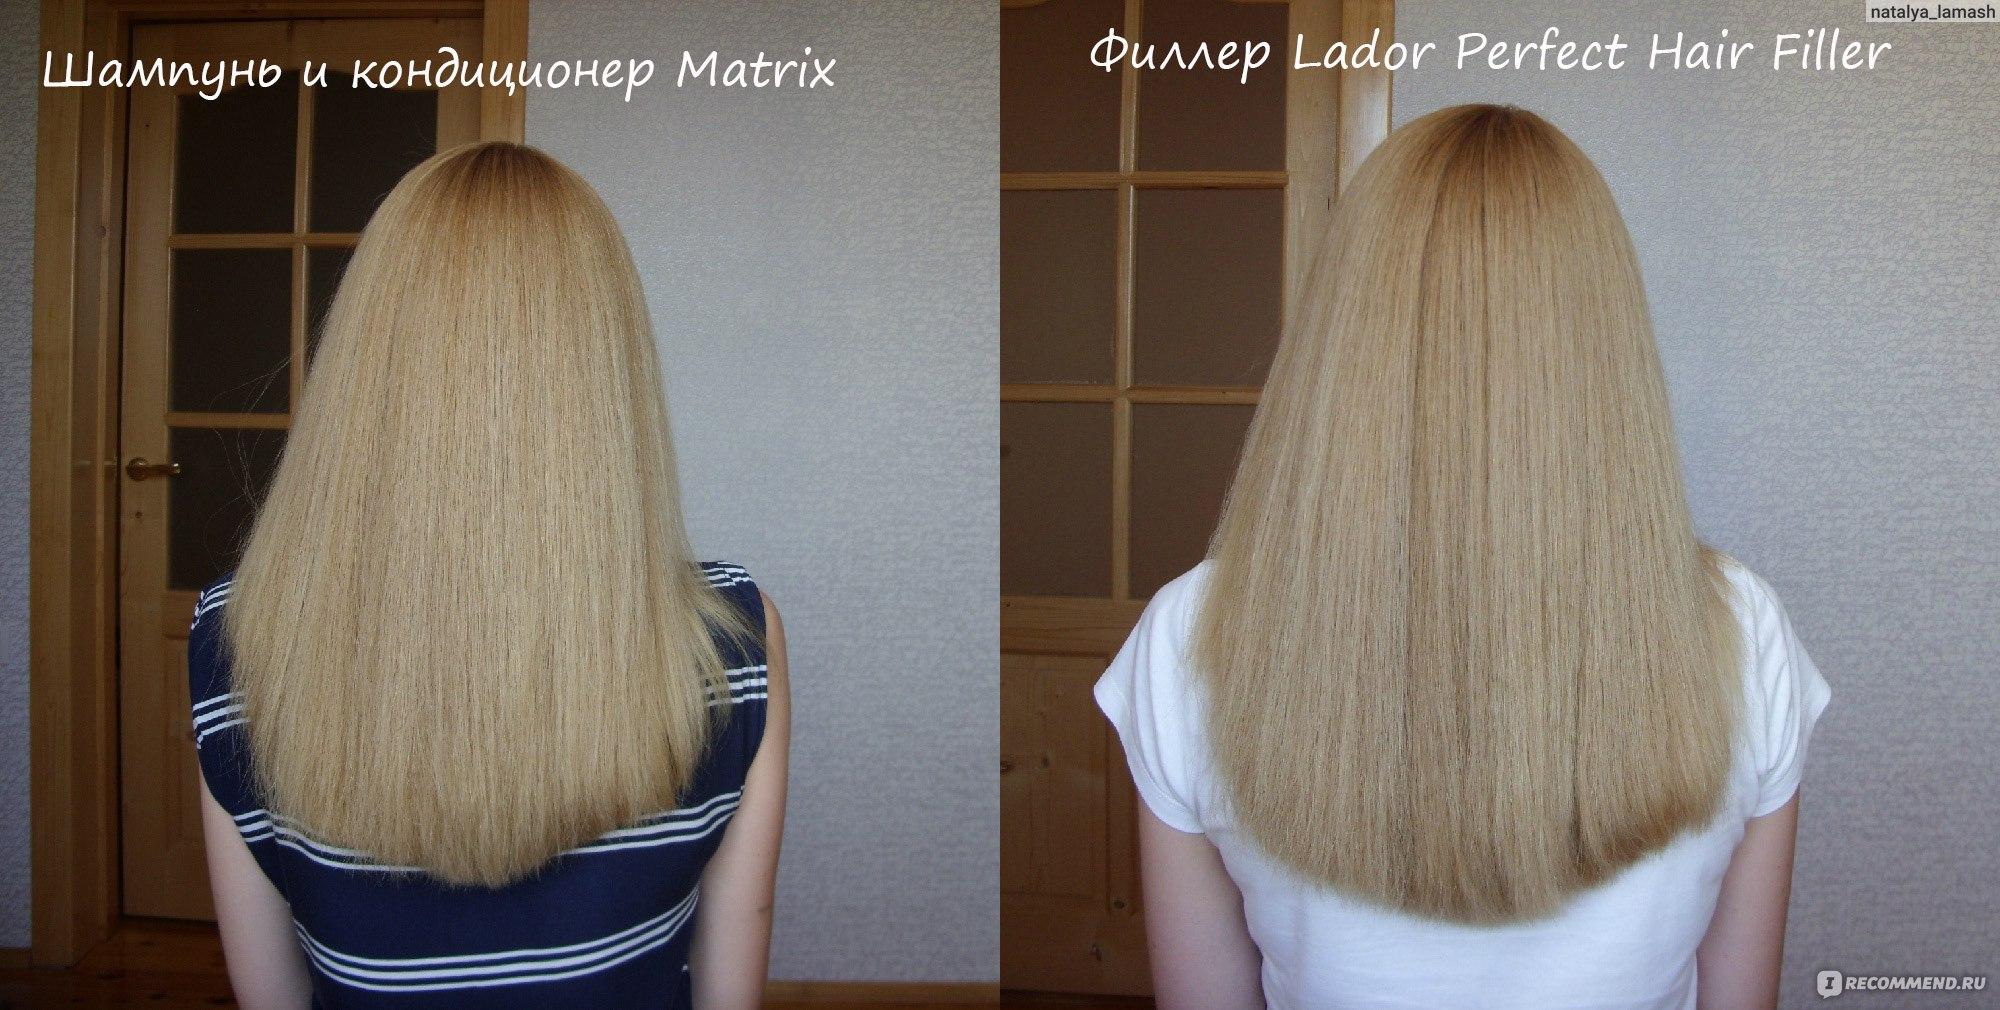 филлер для волос lador perfect